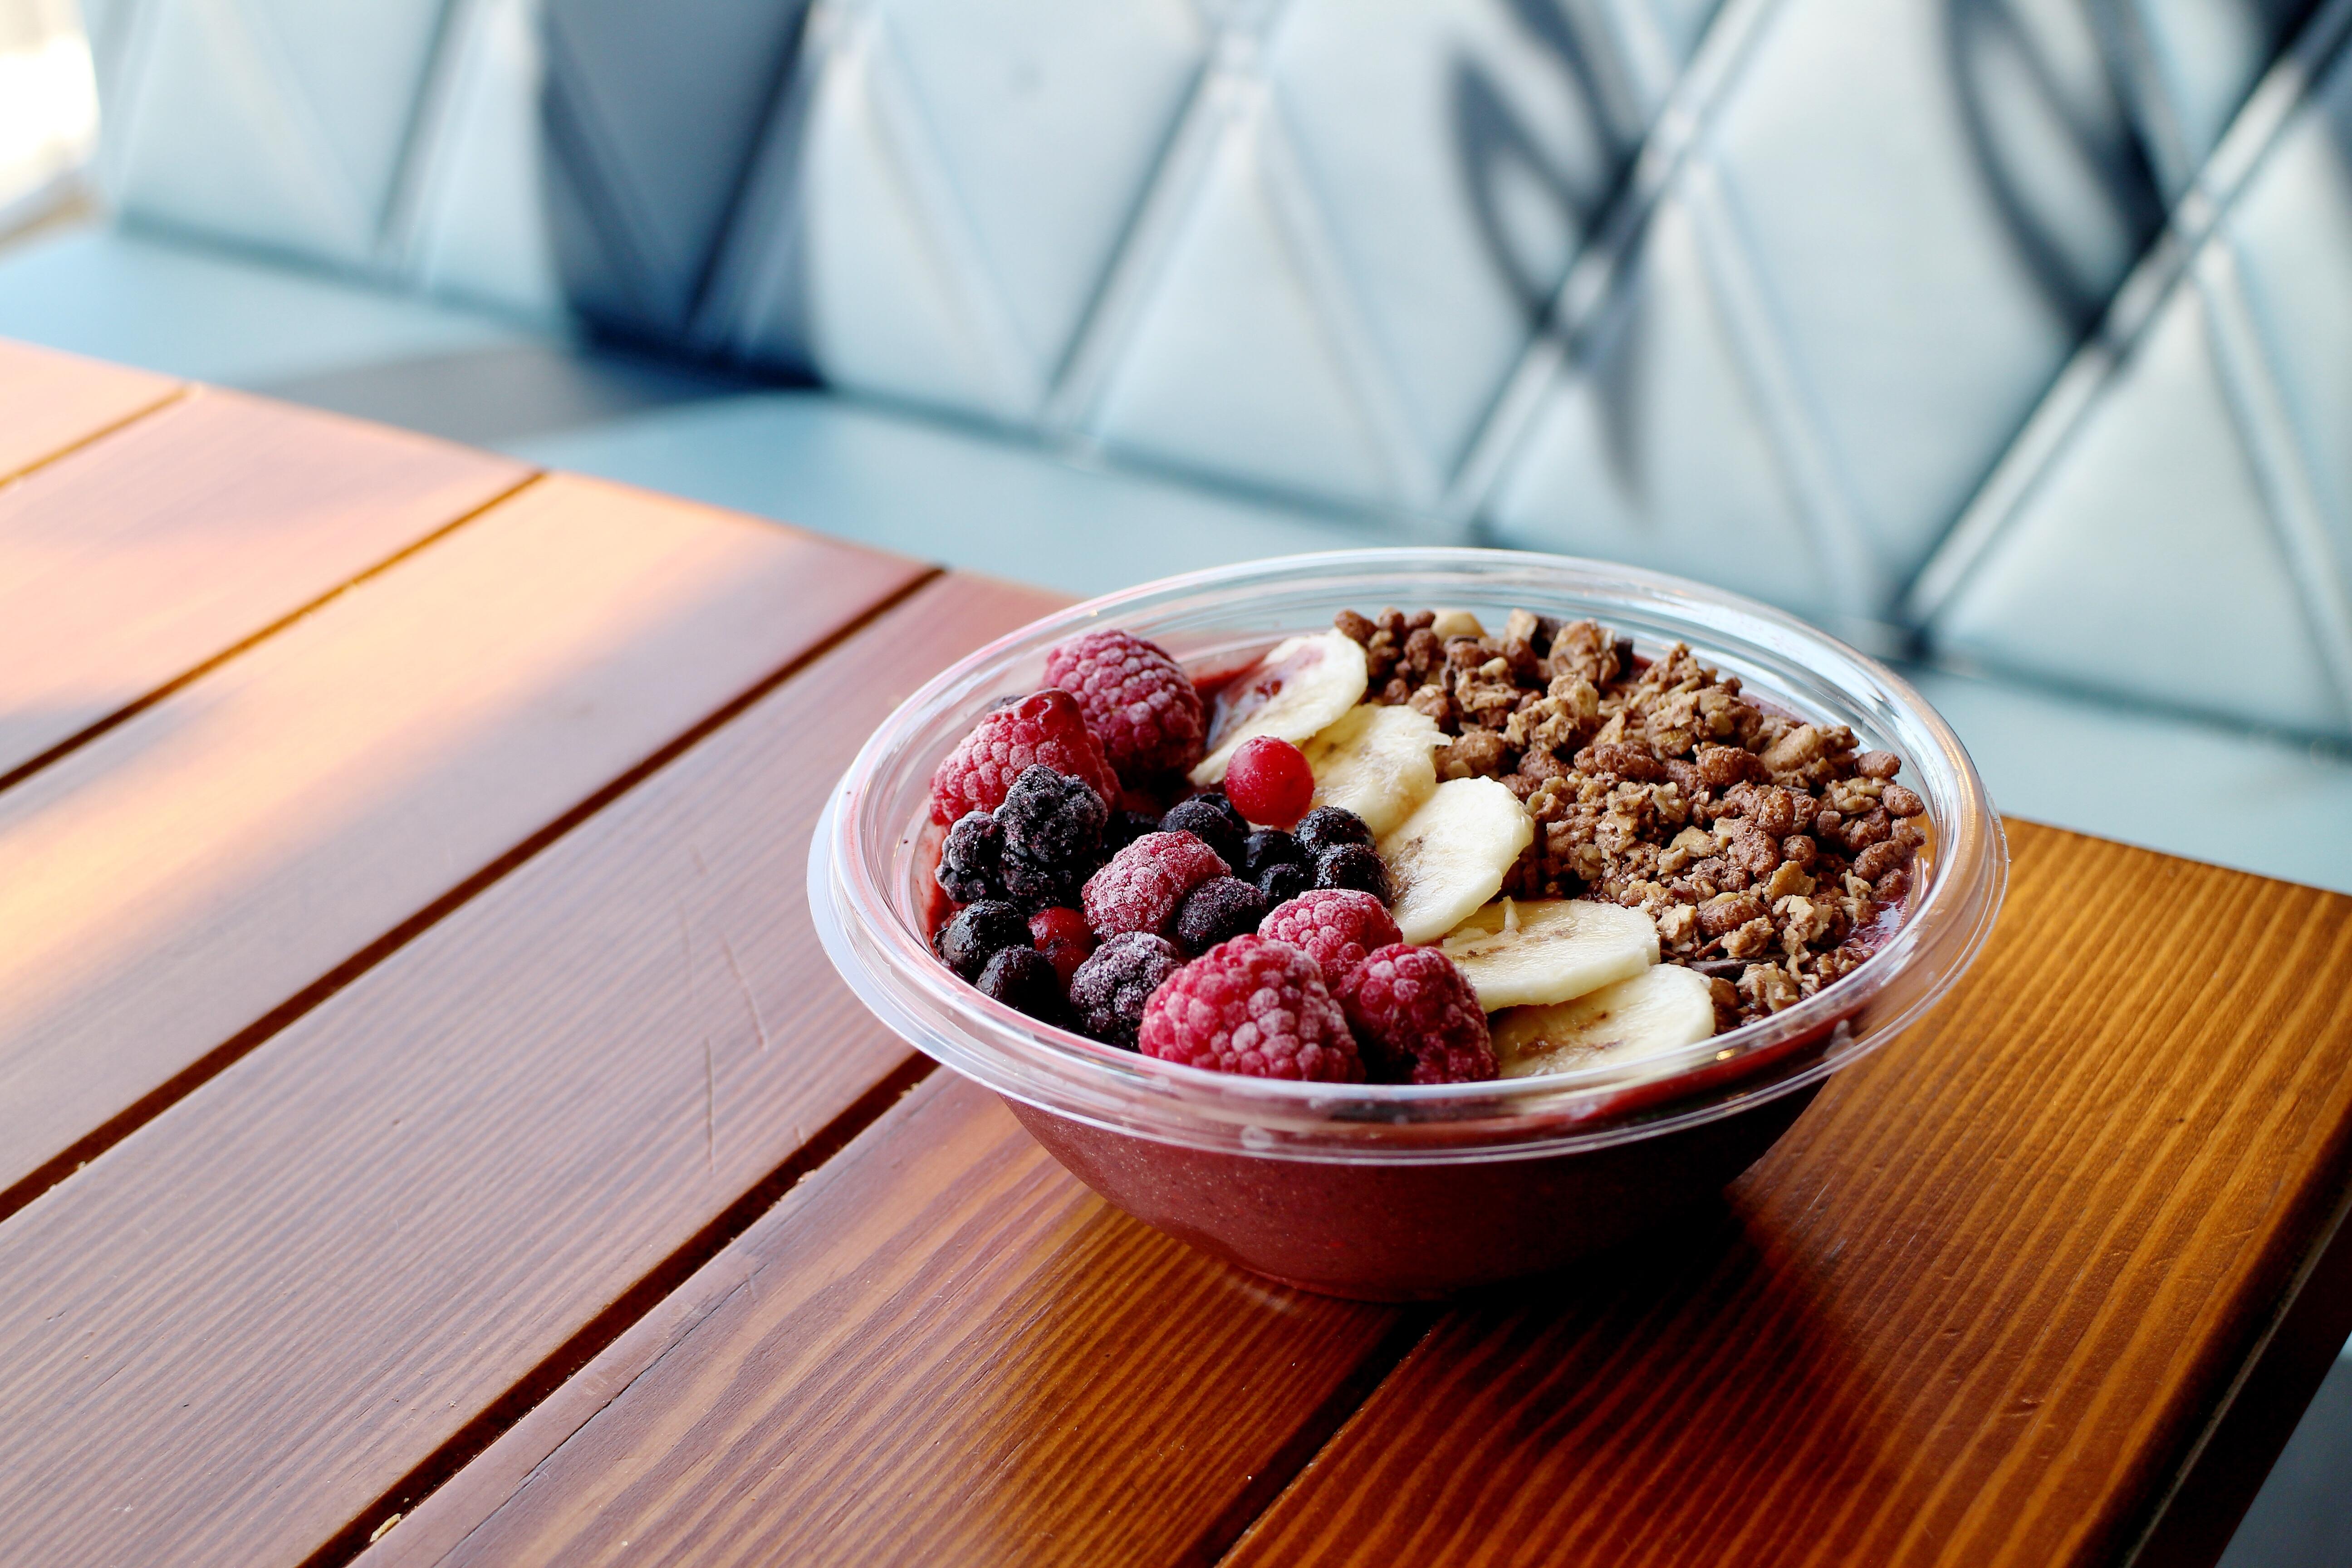 Pranzo in autostrada: 5 cose che vale la pena mangiare da Autogrill Più